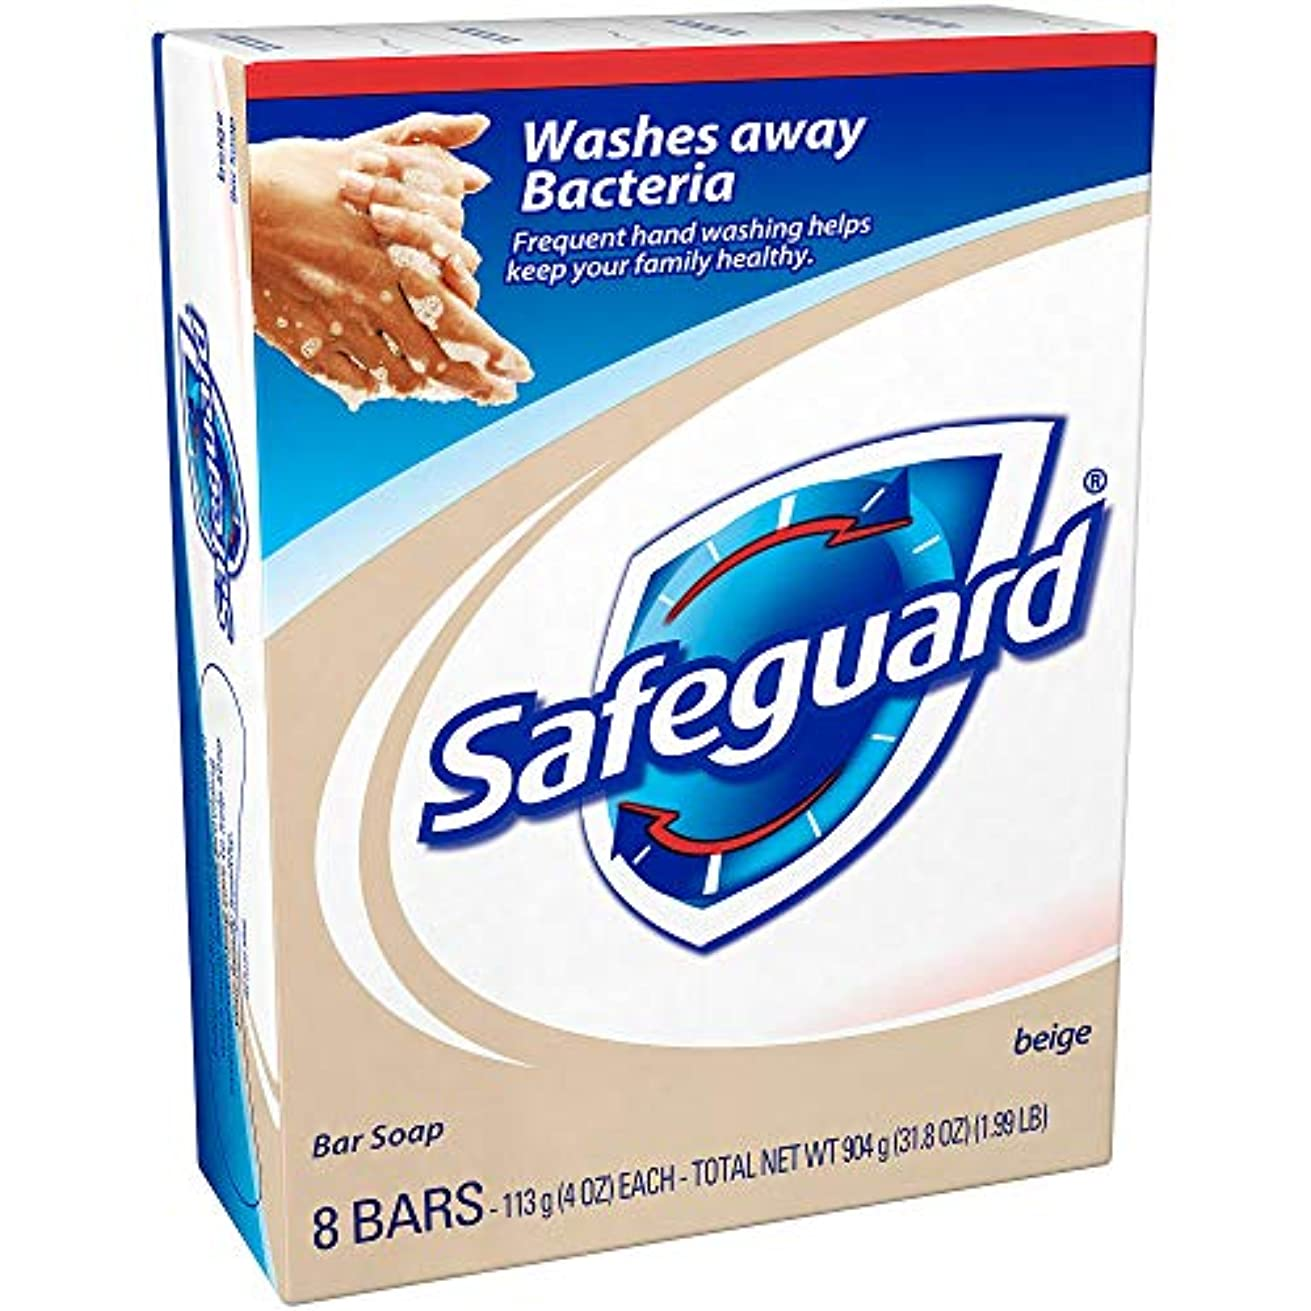 広範囲に鏡救援Safeguard 抗菌消臭石鹸、4つのオズバー、8 Eaは(4パック)